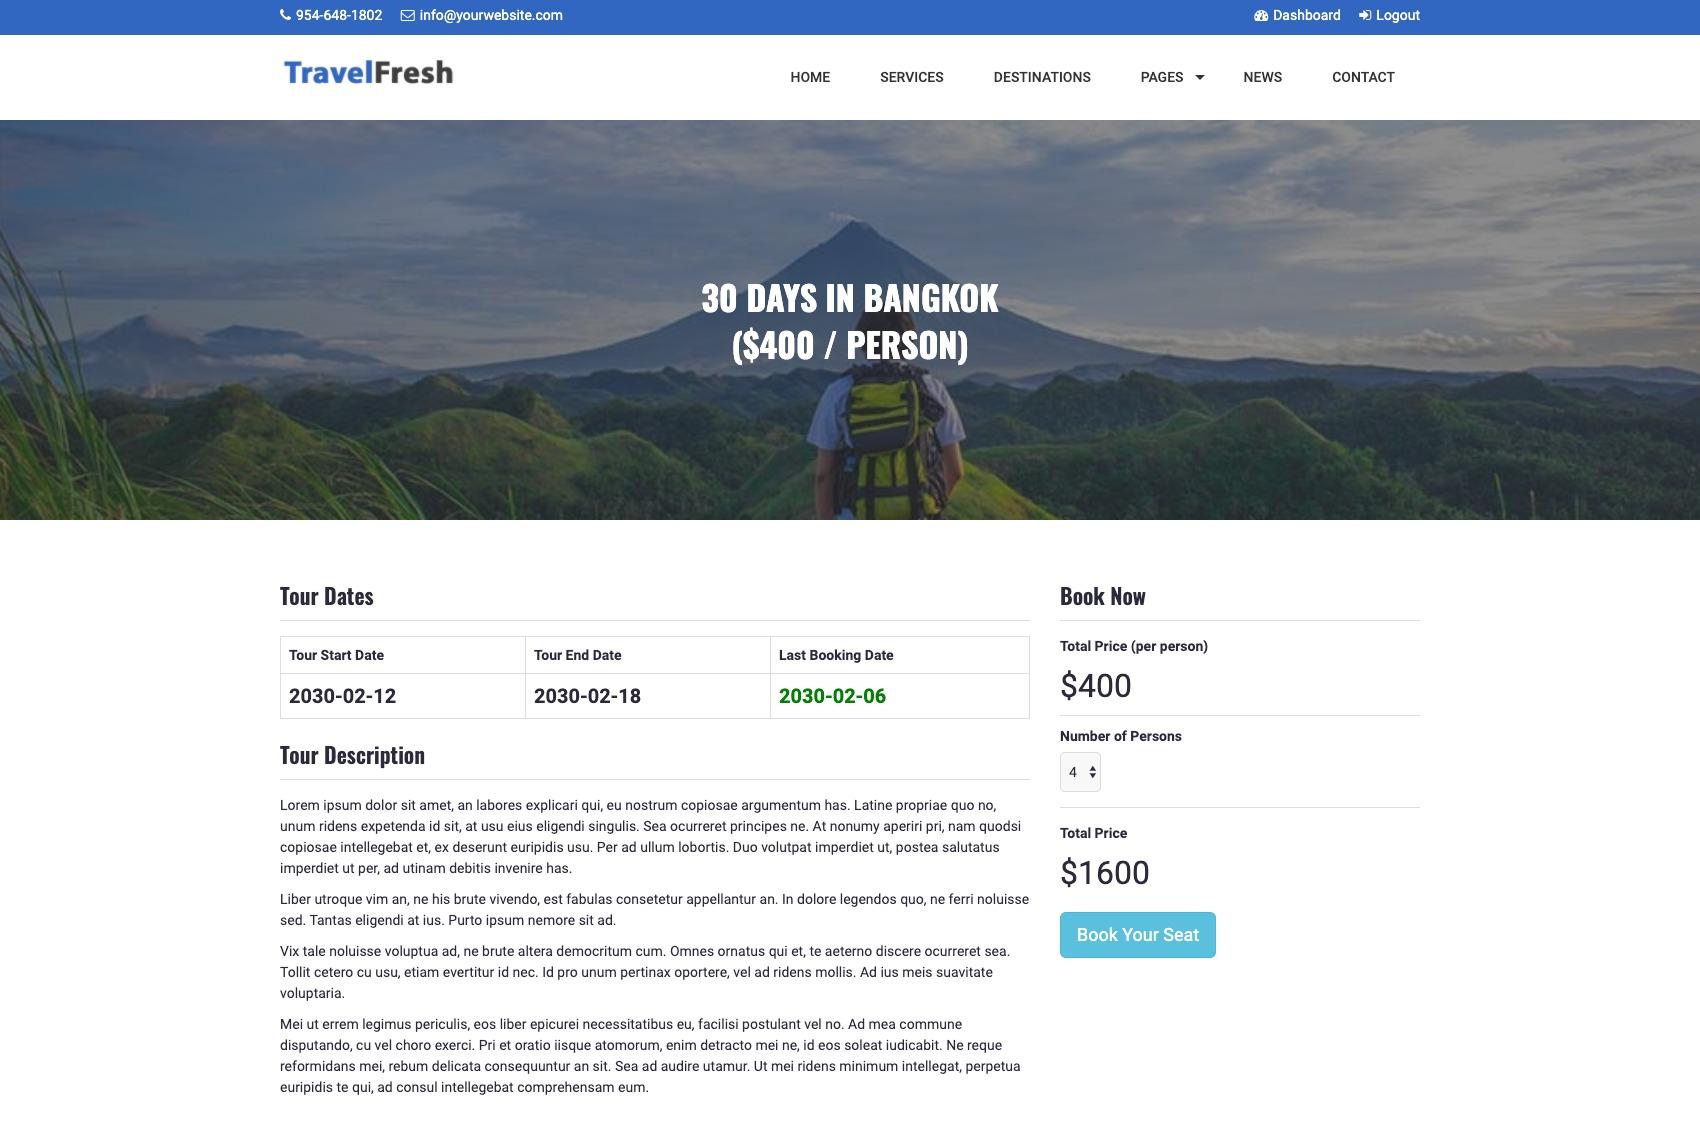 gestionar tu negocio de viajes de forma eficaz